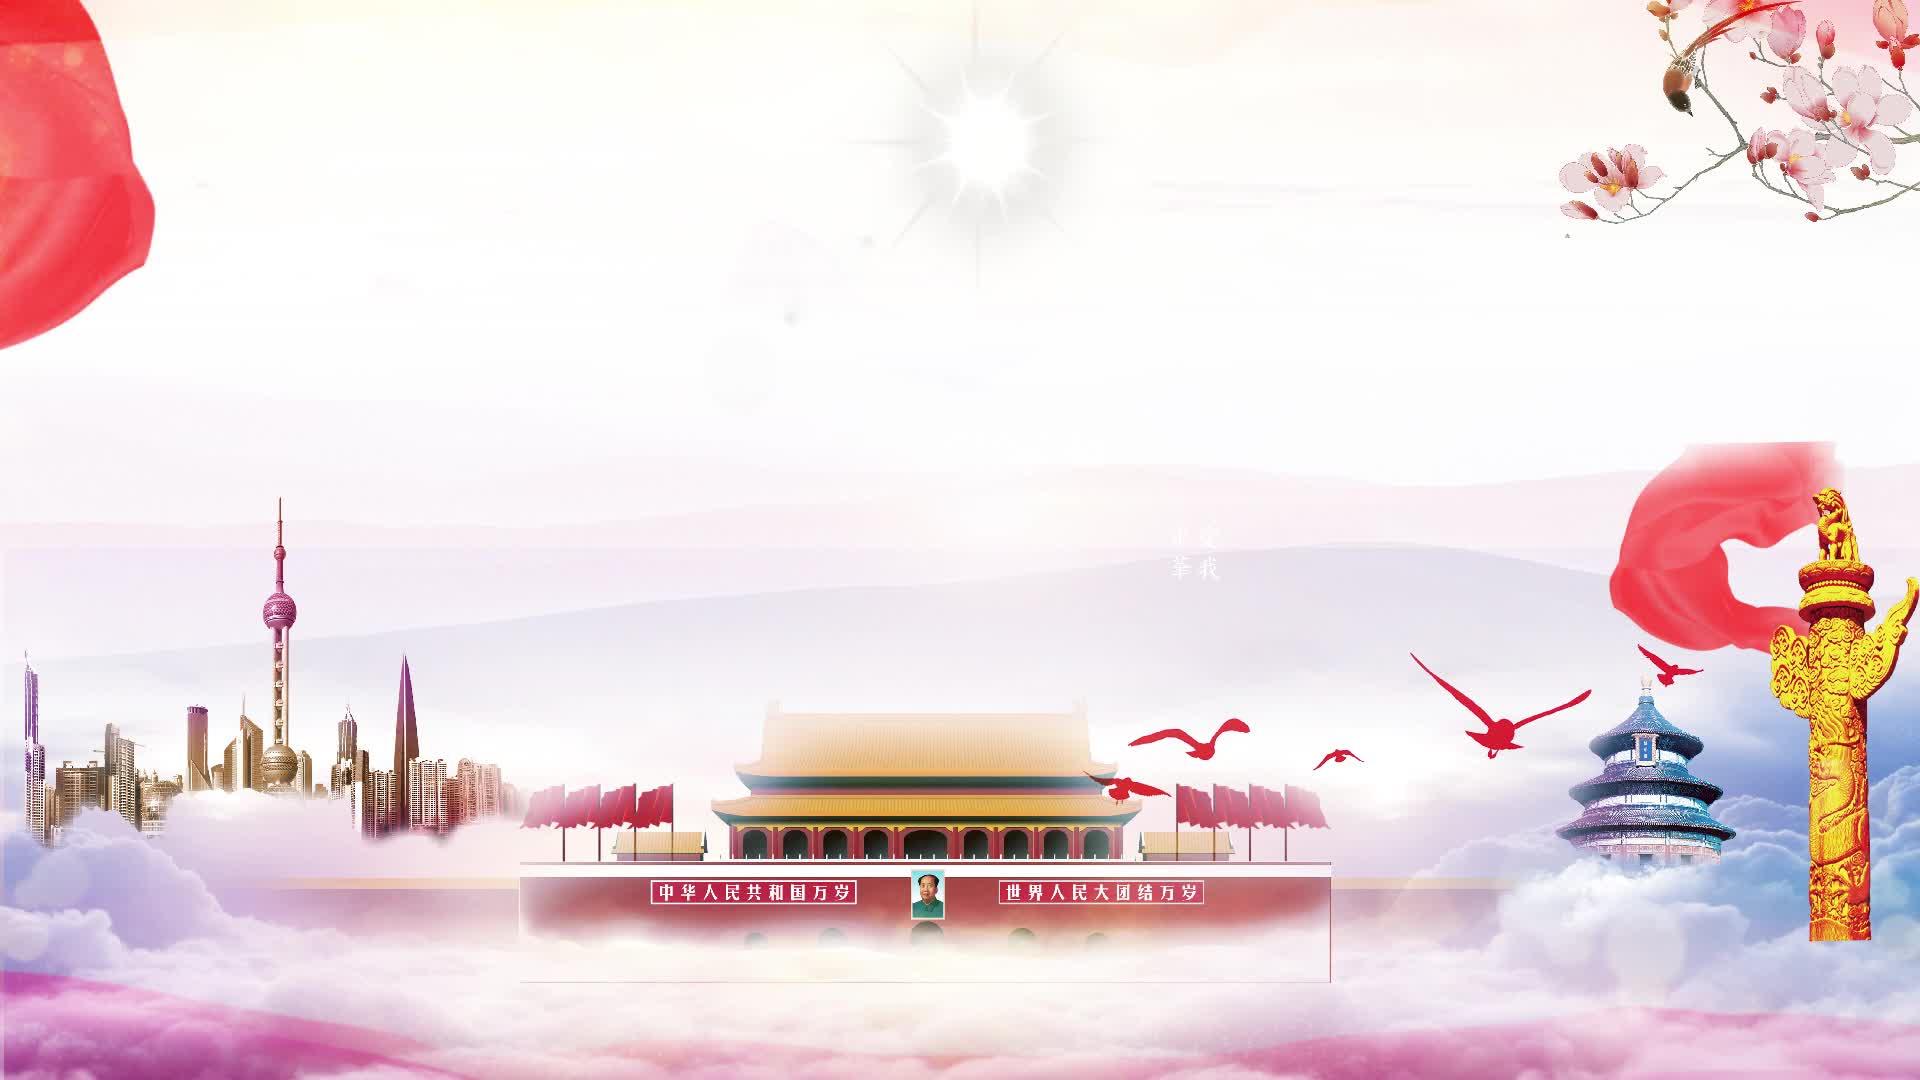 建党100周年歌曲我们的中国梦视频背景